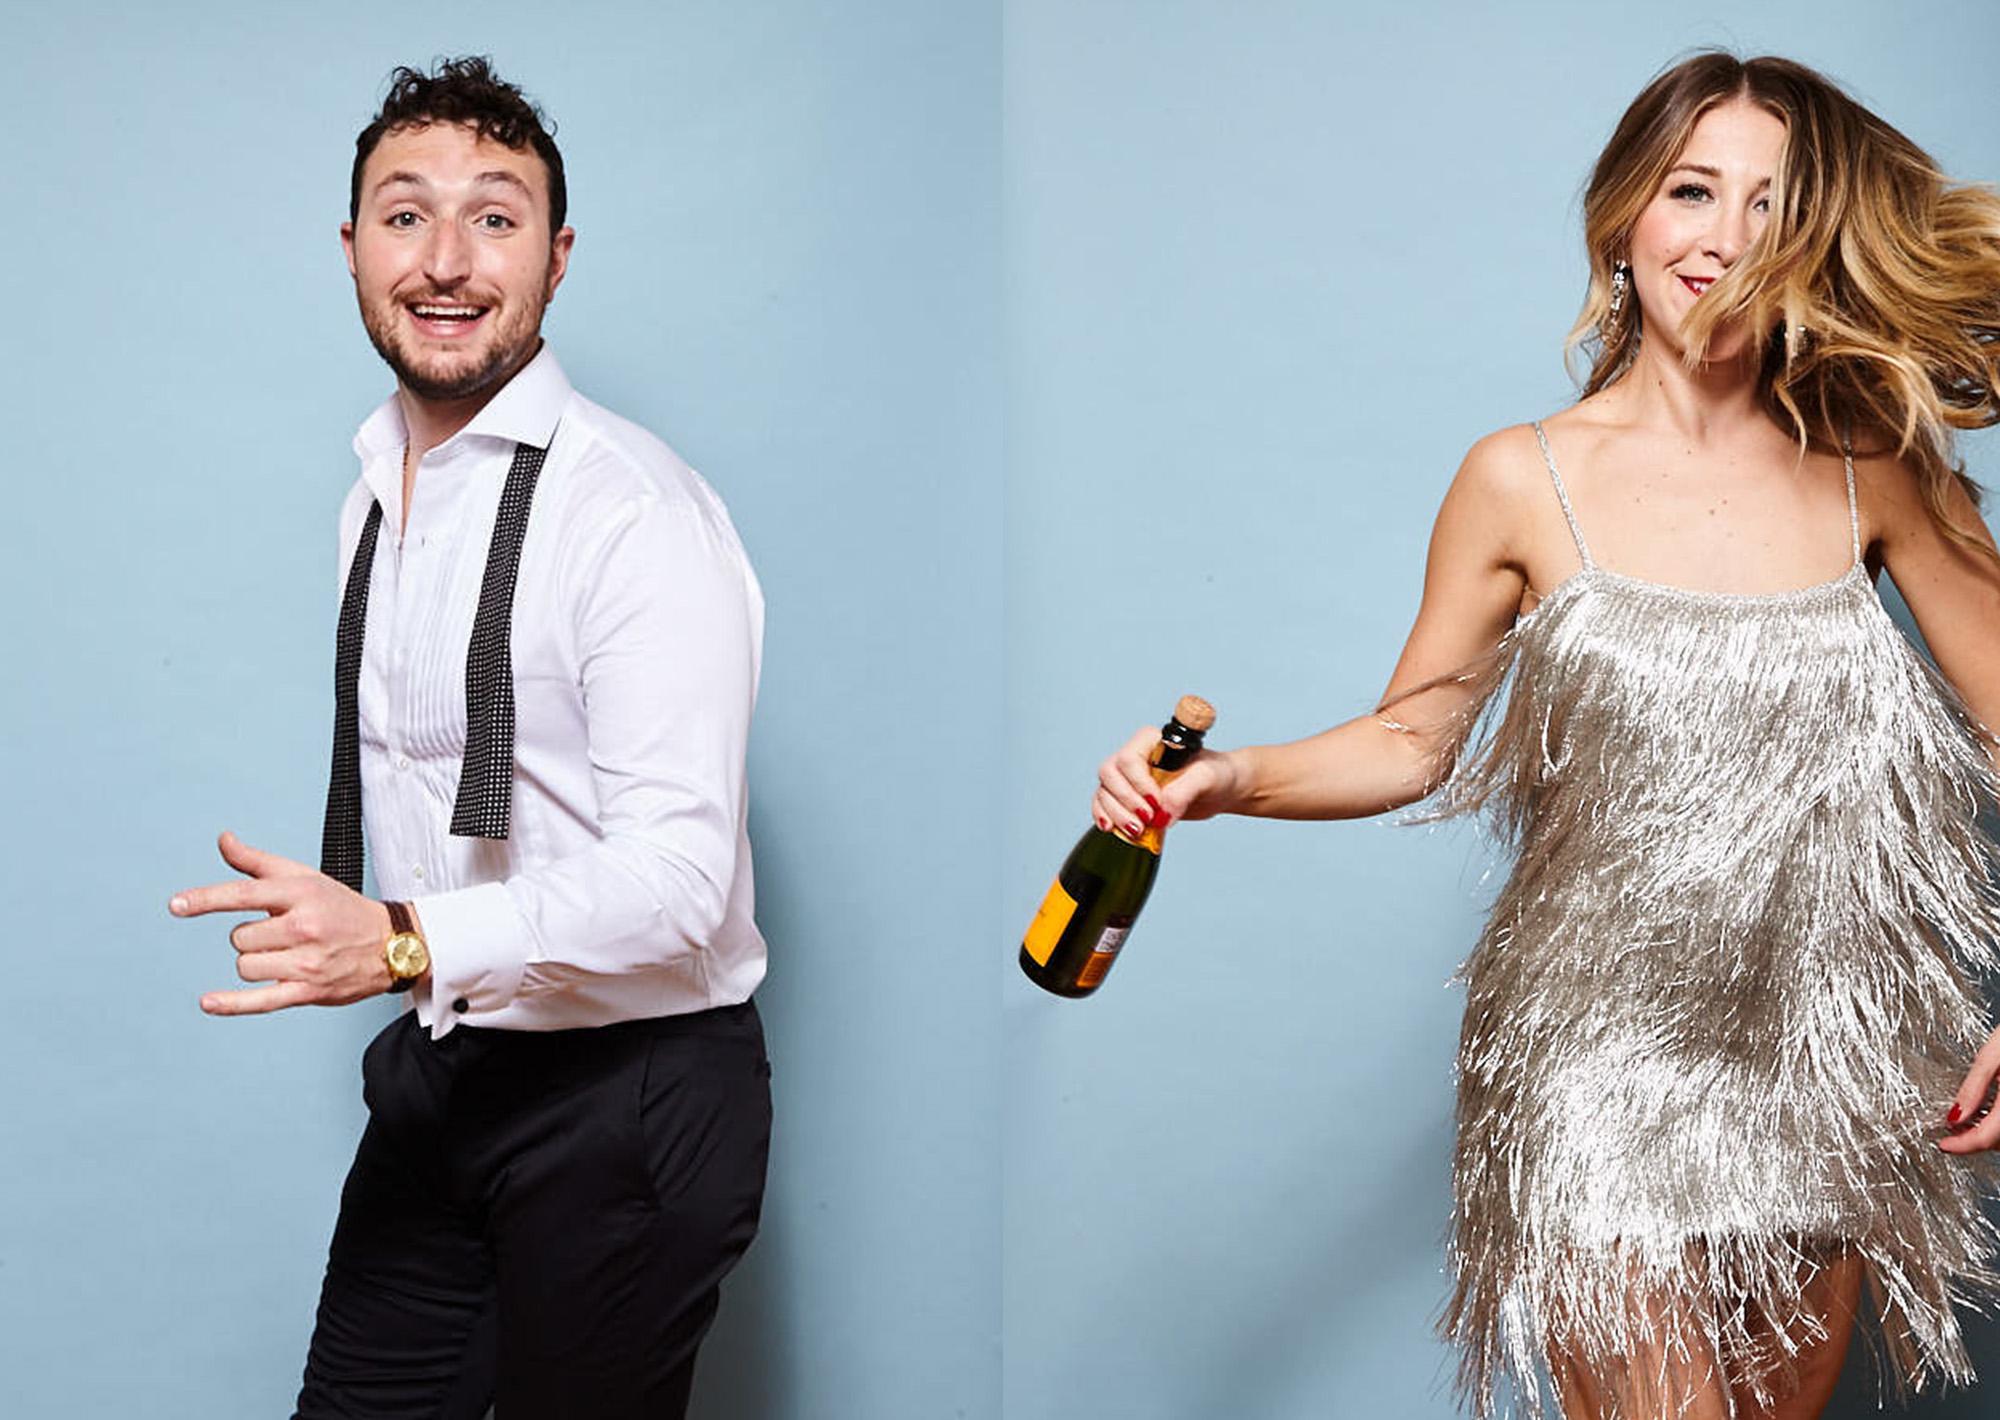 Pretty Cocktail Dress Code Male Photos - Wedding Ideas - memiocall.com